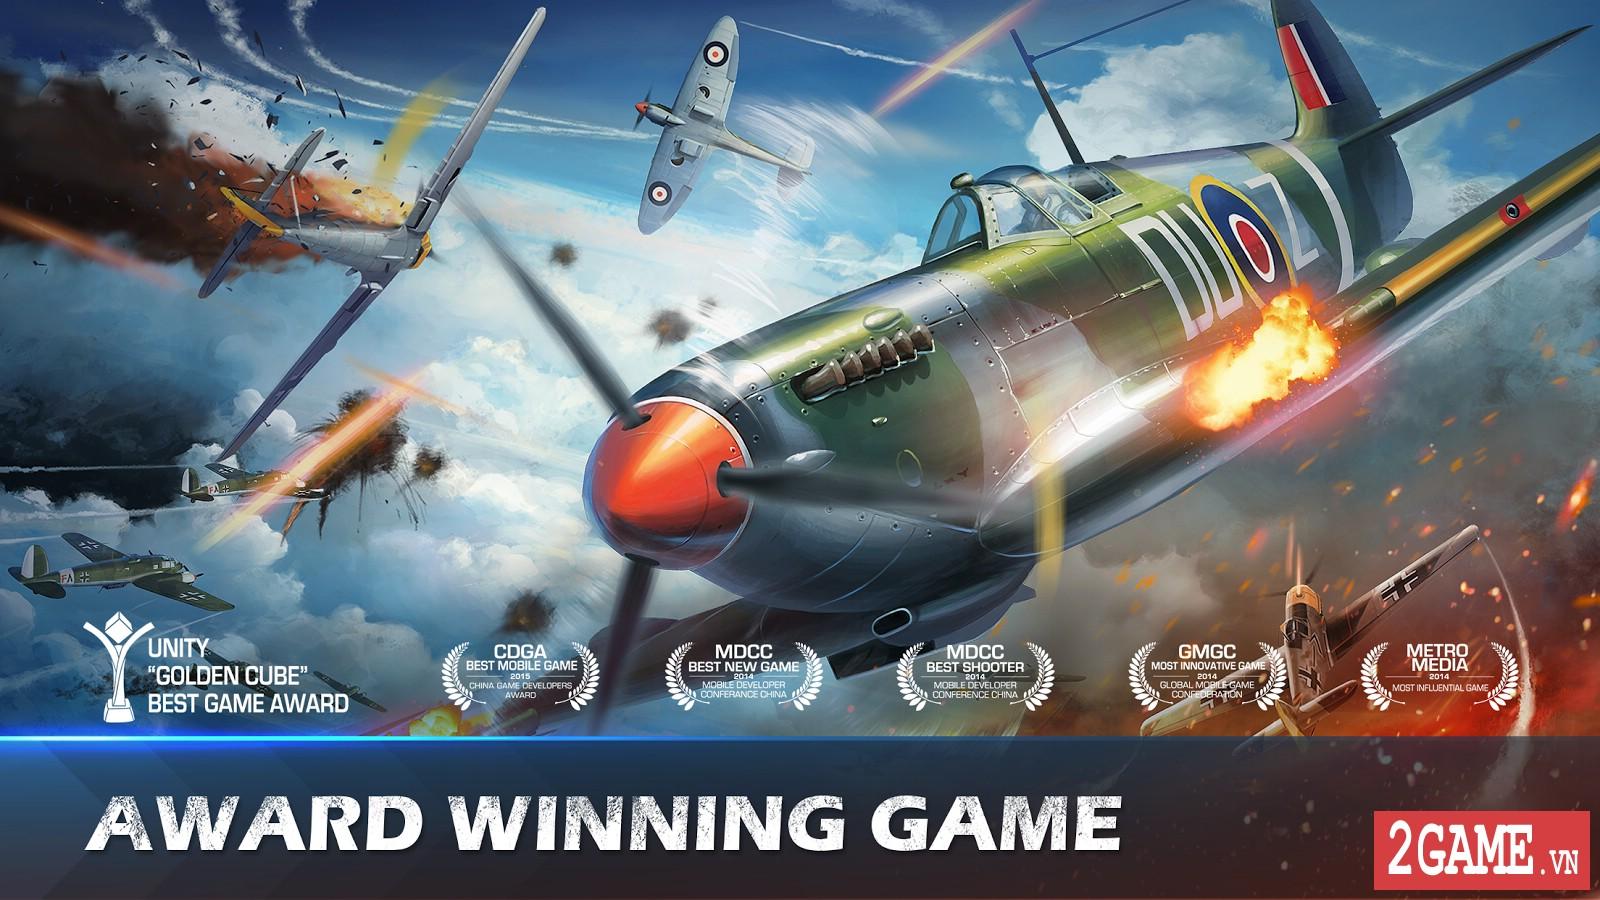 War Wings - Game bắn máy bay trực tuyến hay tuyệt cú mèo dành cho mobile game 0